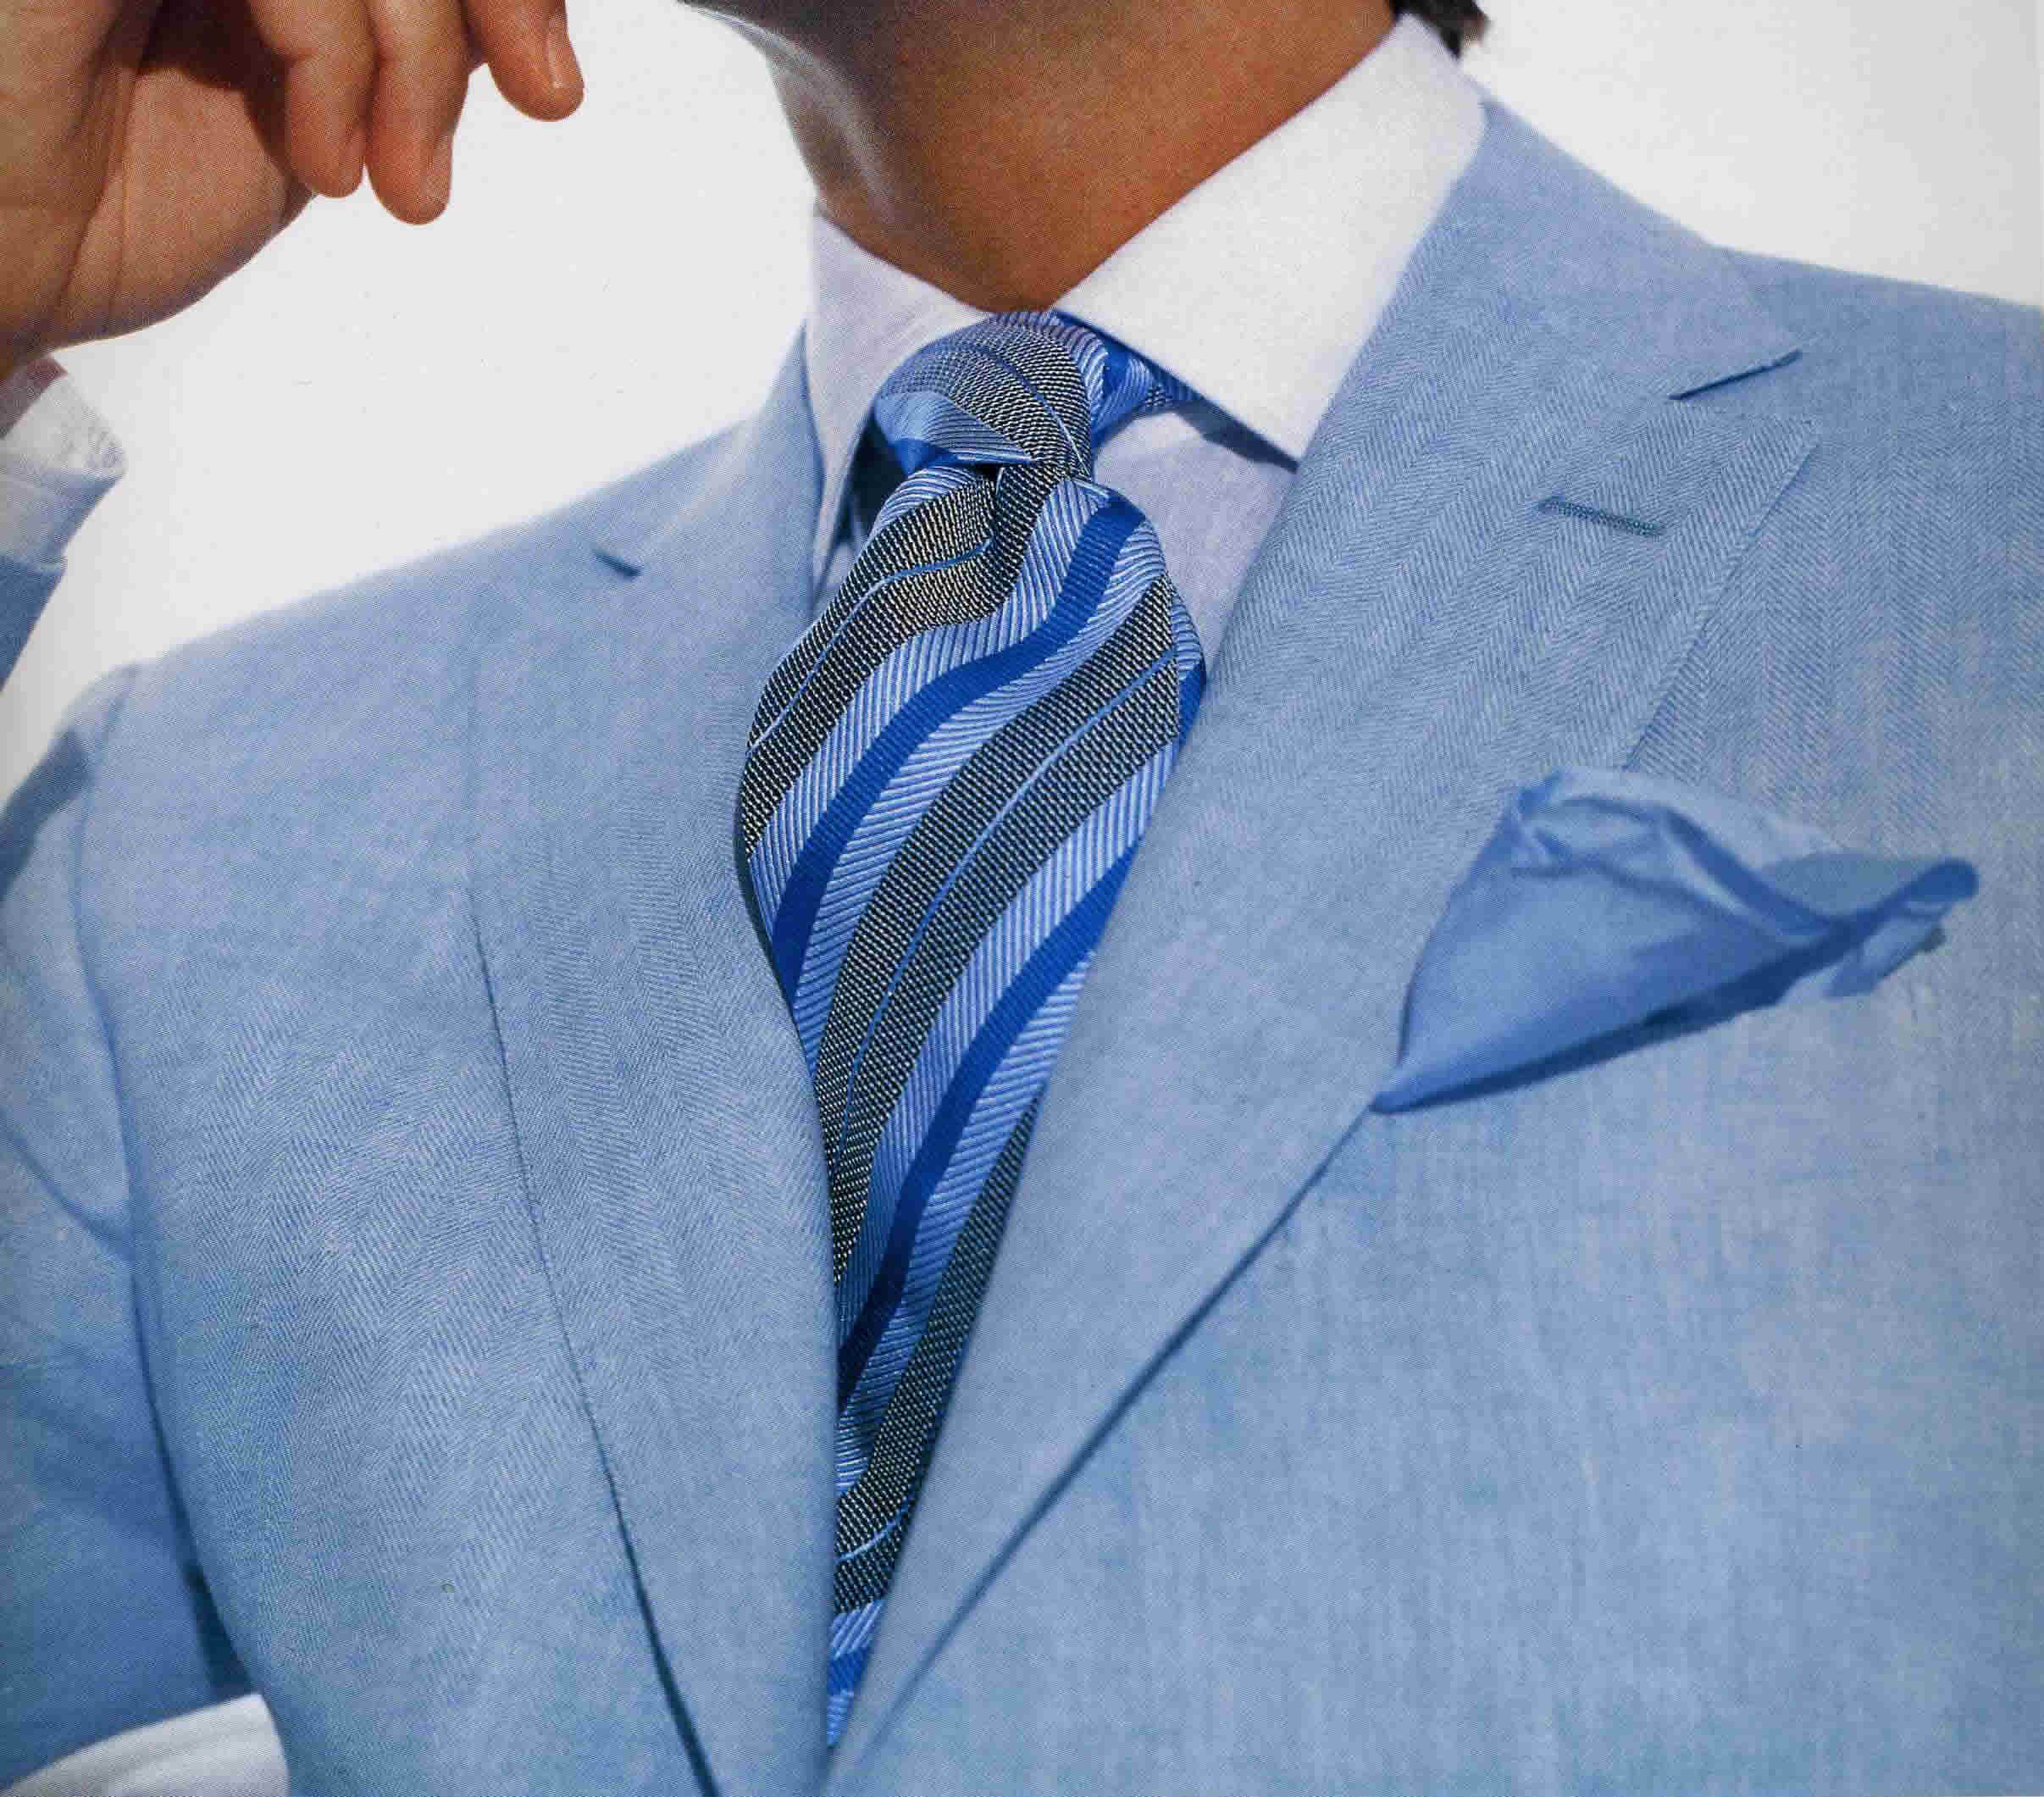 簡単!おしゃれ!色々なネクタイの締め方で明日から早速使ってみようのサムネイル画像